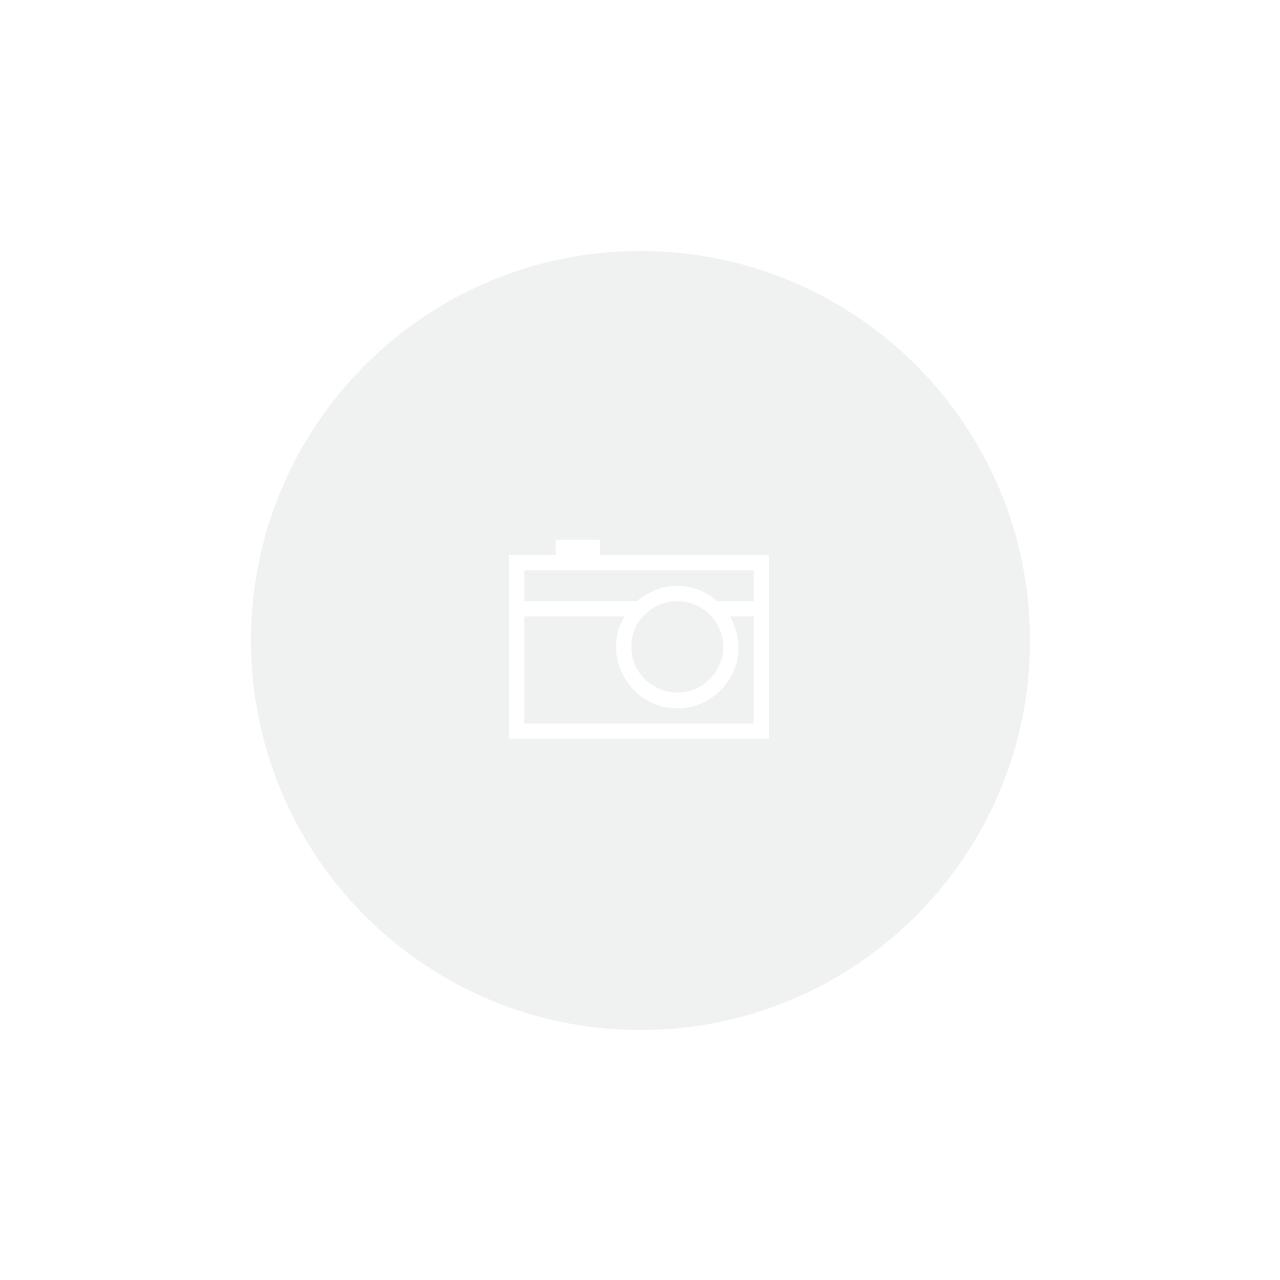 Speed-Buster c/ App - Q5 225cv / S1 231cv / S3 280cv 300cv